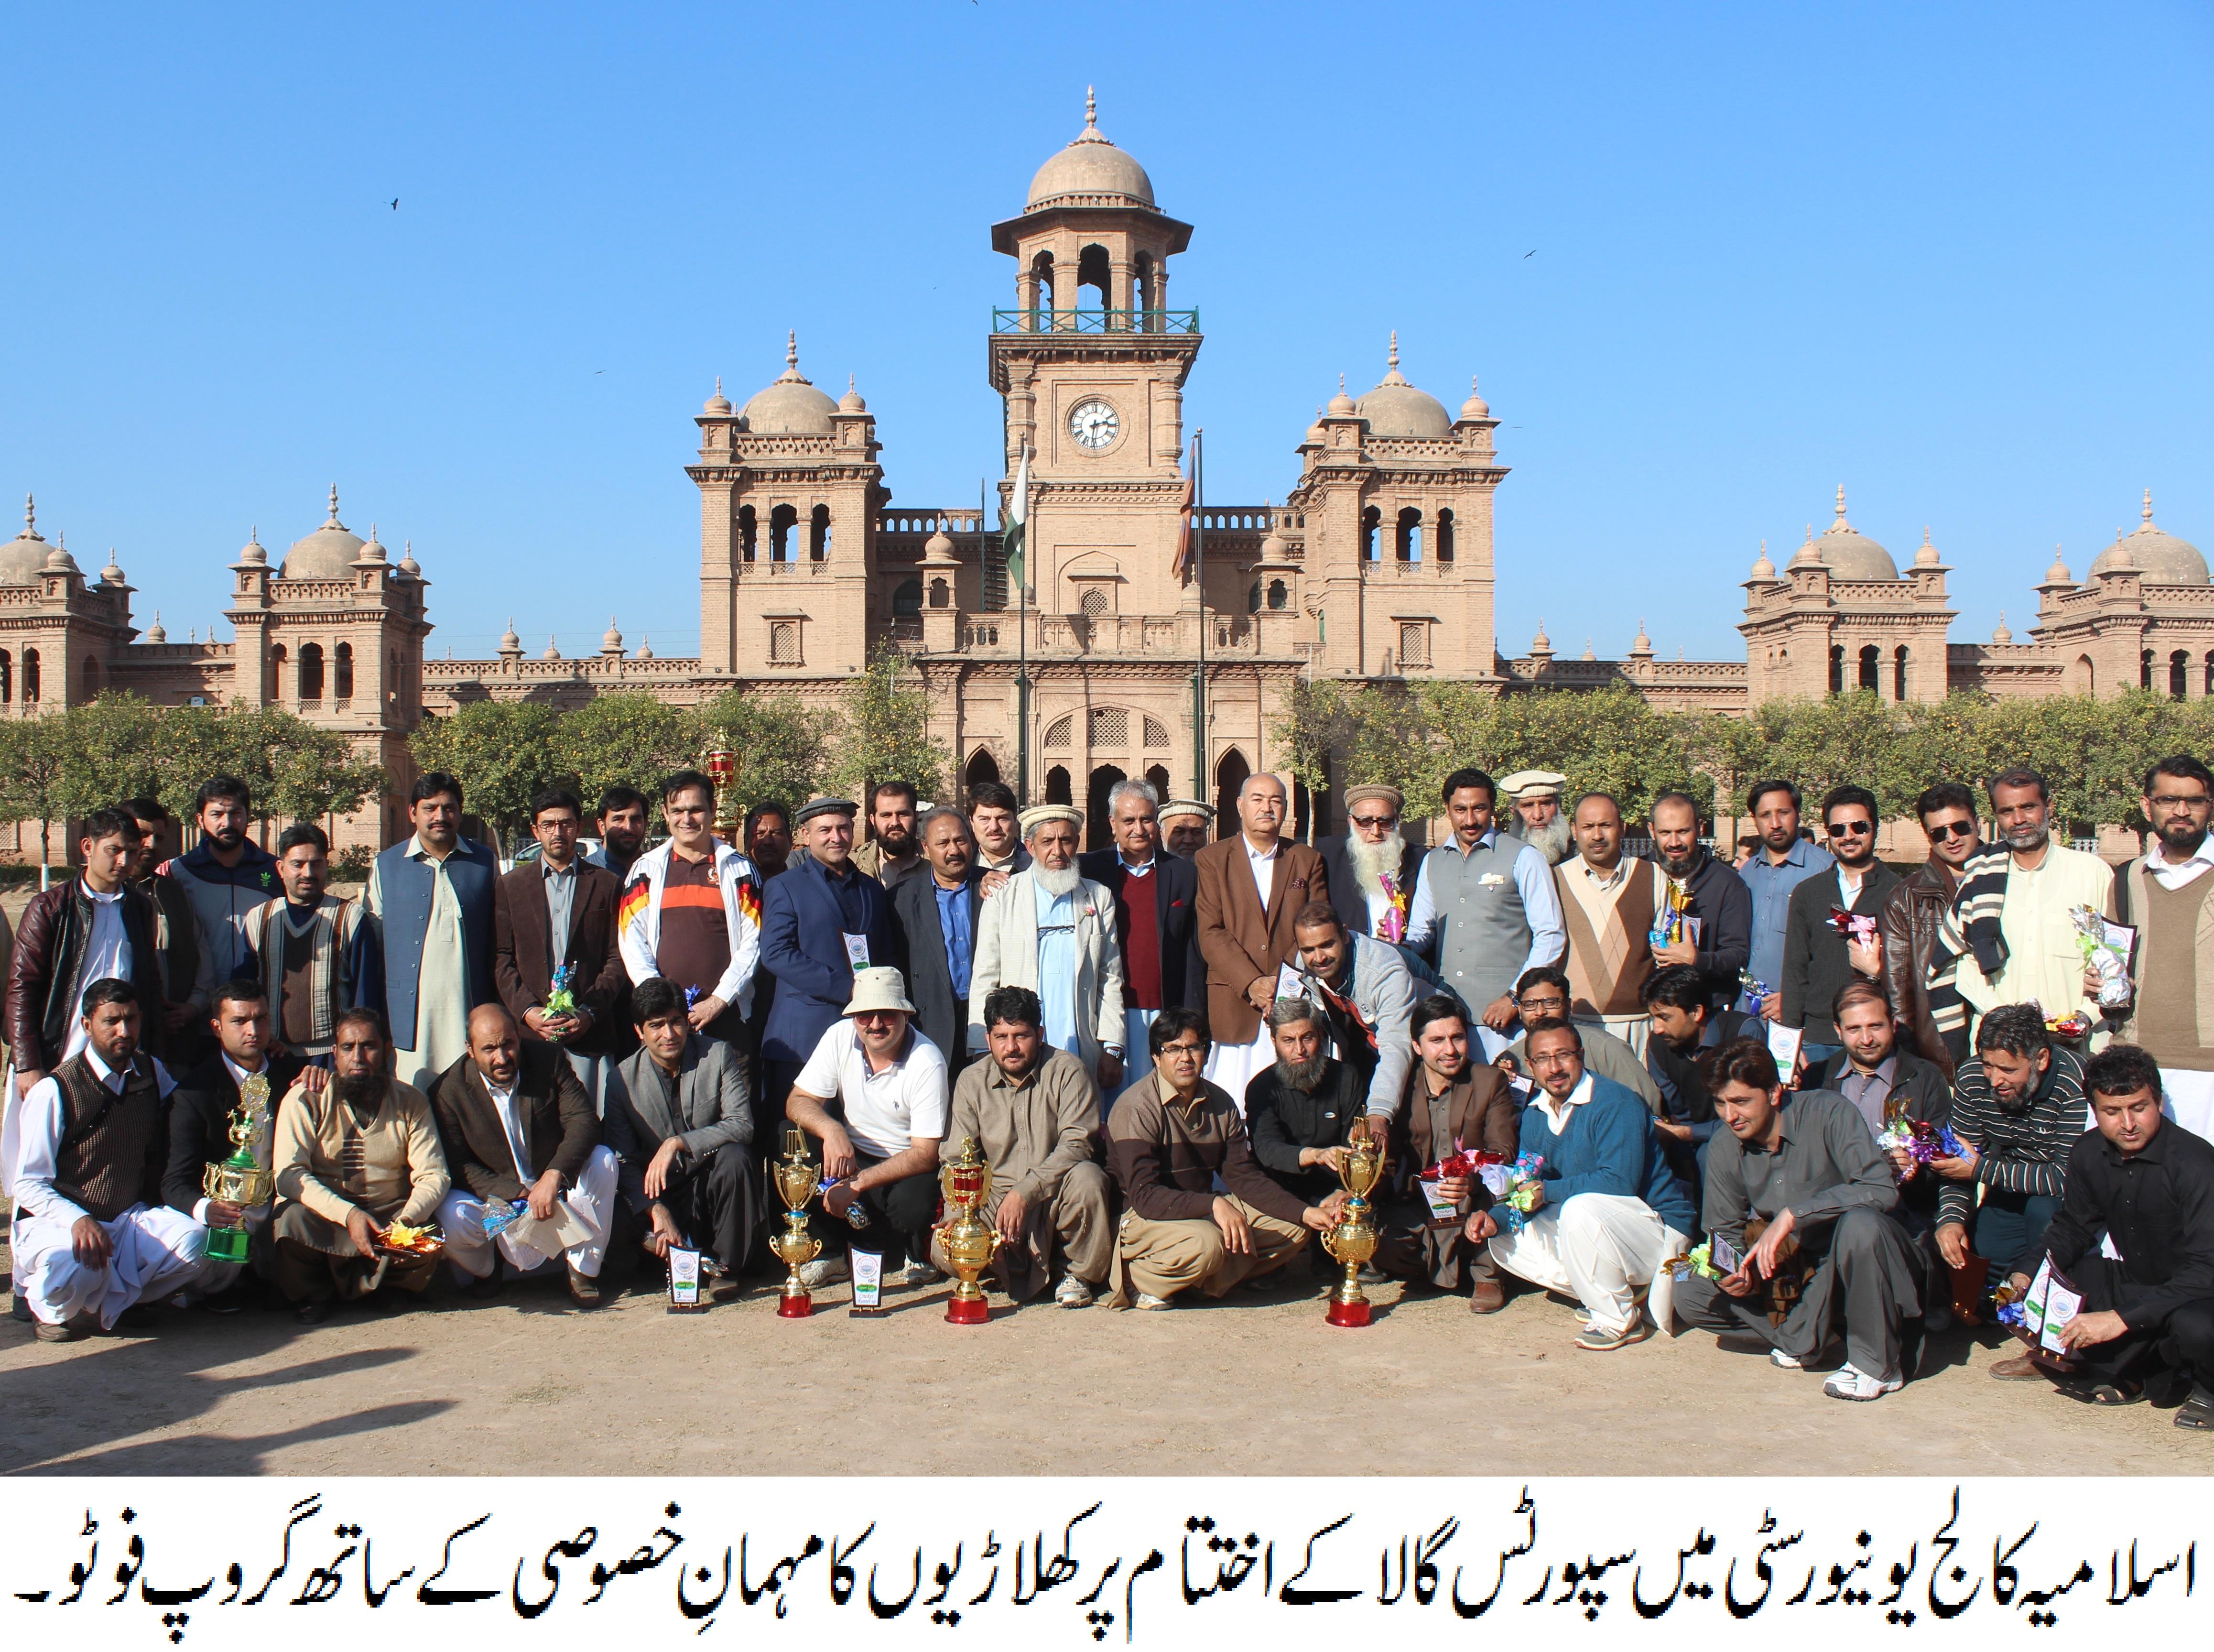 اسلامیہ کالج یونیورسٹی پشاور کے زیرِ اہتمام دو روزہ سپورٹس گالا اختتام پزیر